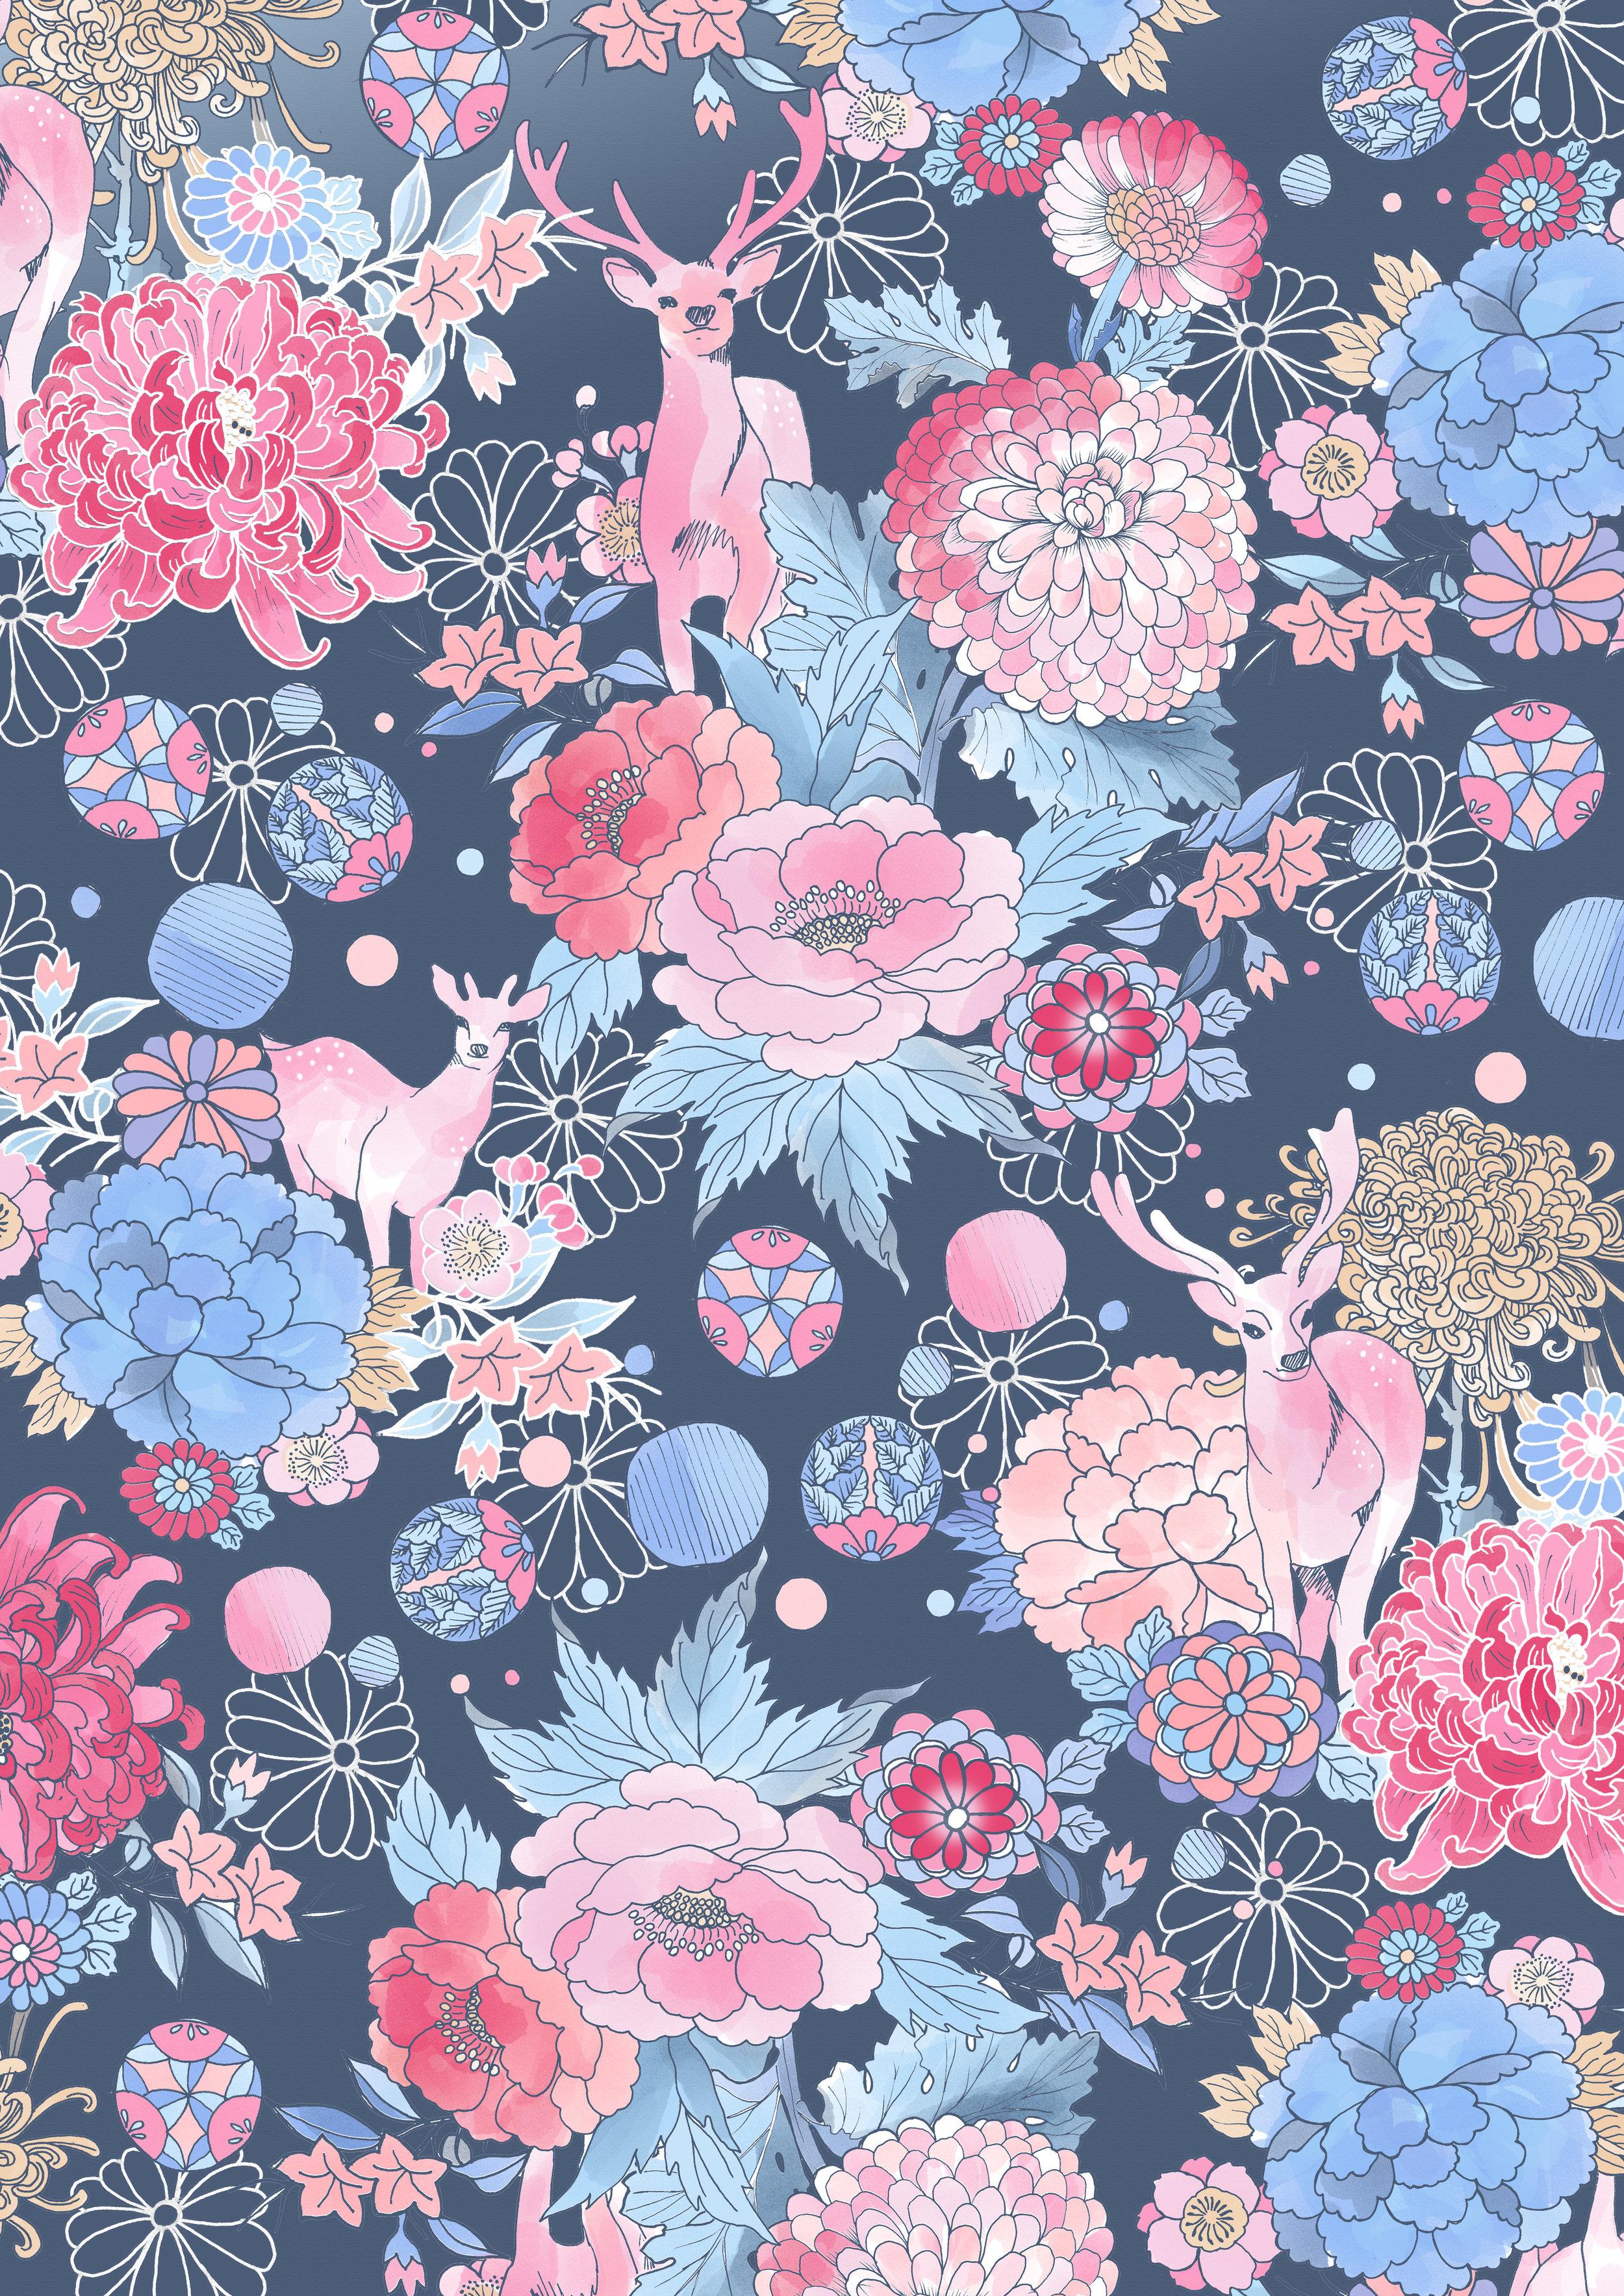 deer-flower-print-pattern.jpg